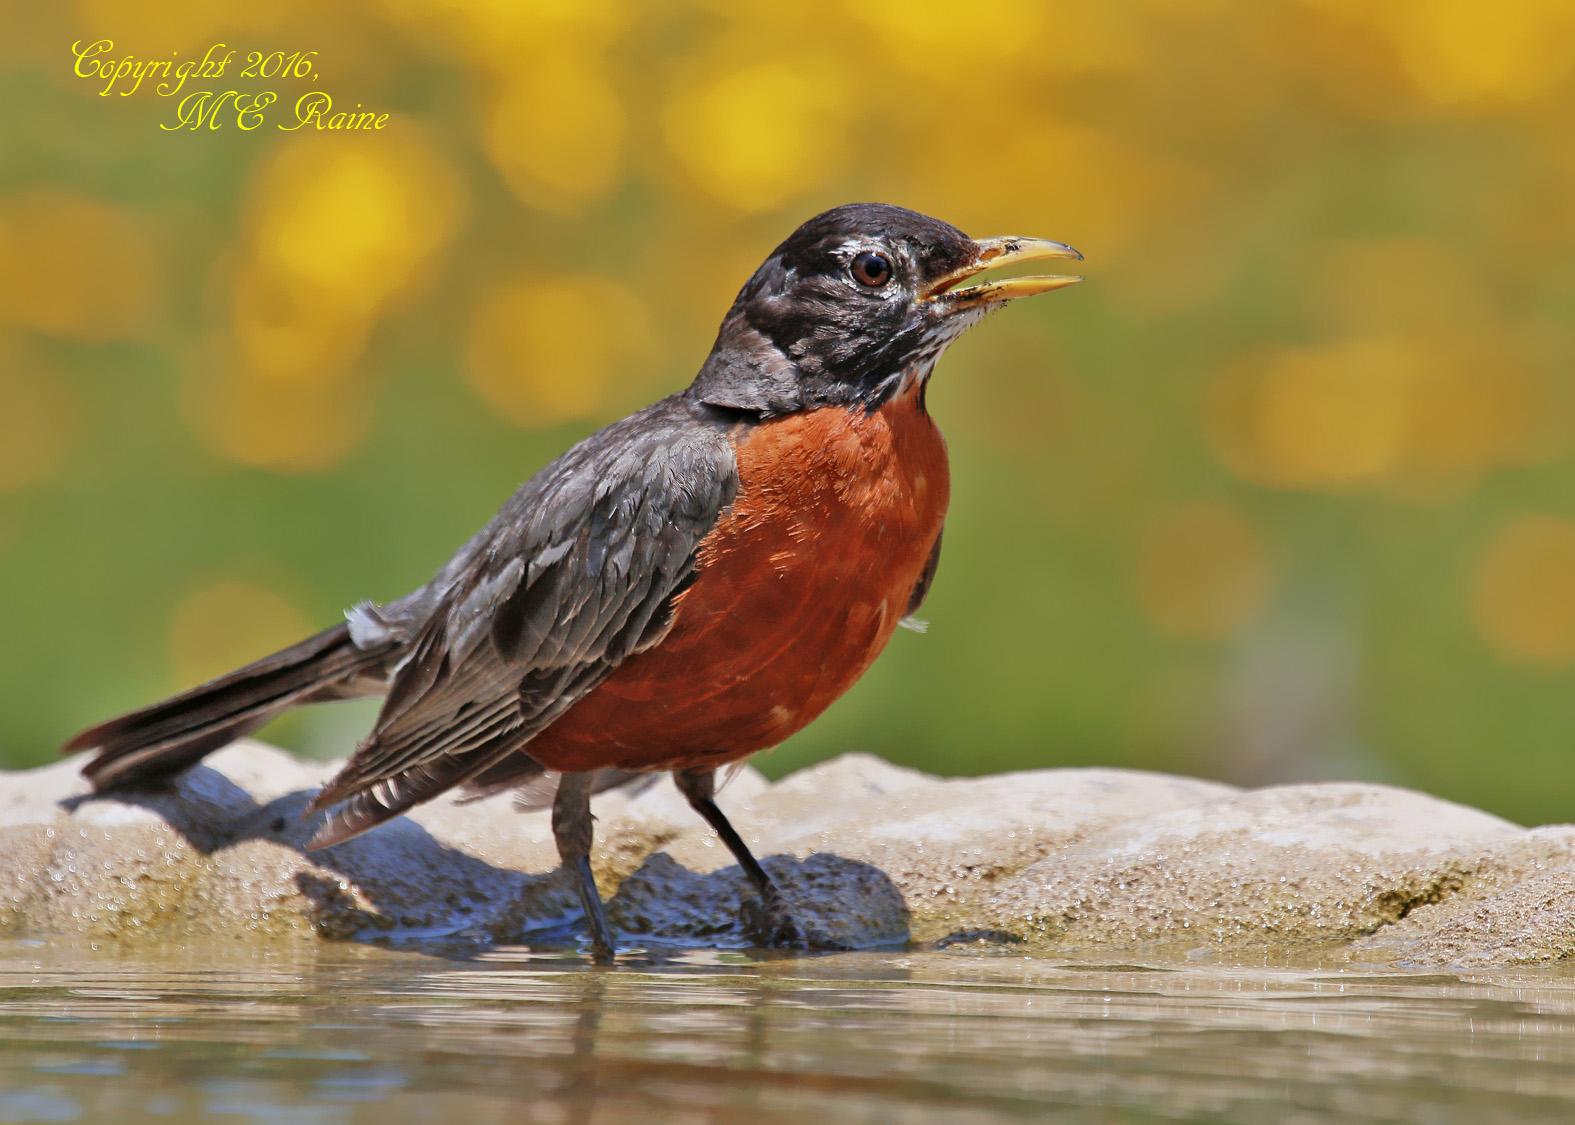 Robin 6.19.16